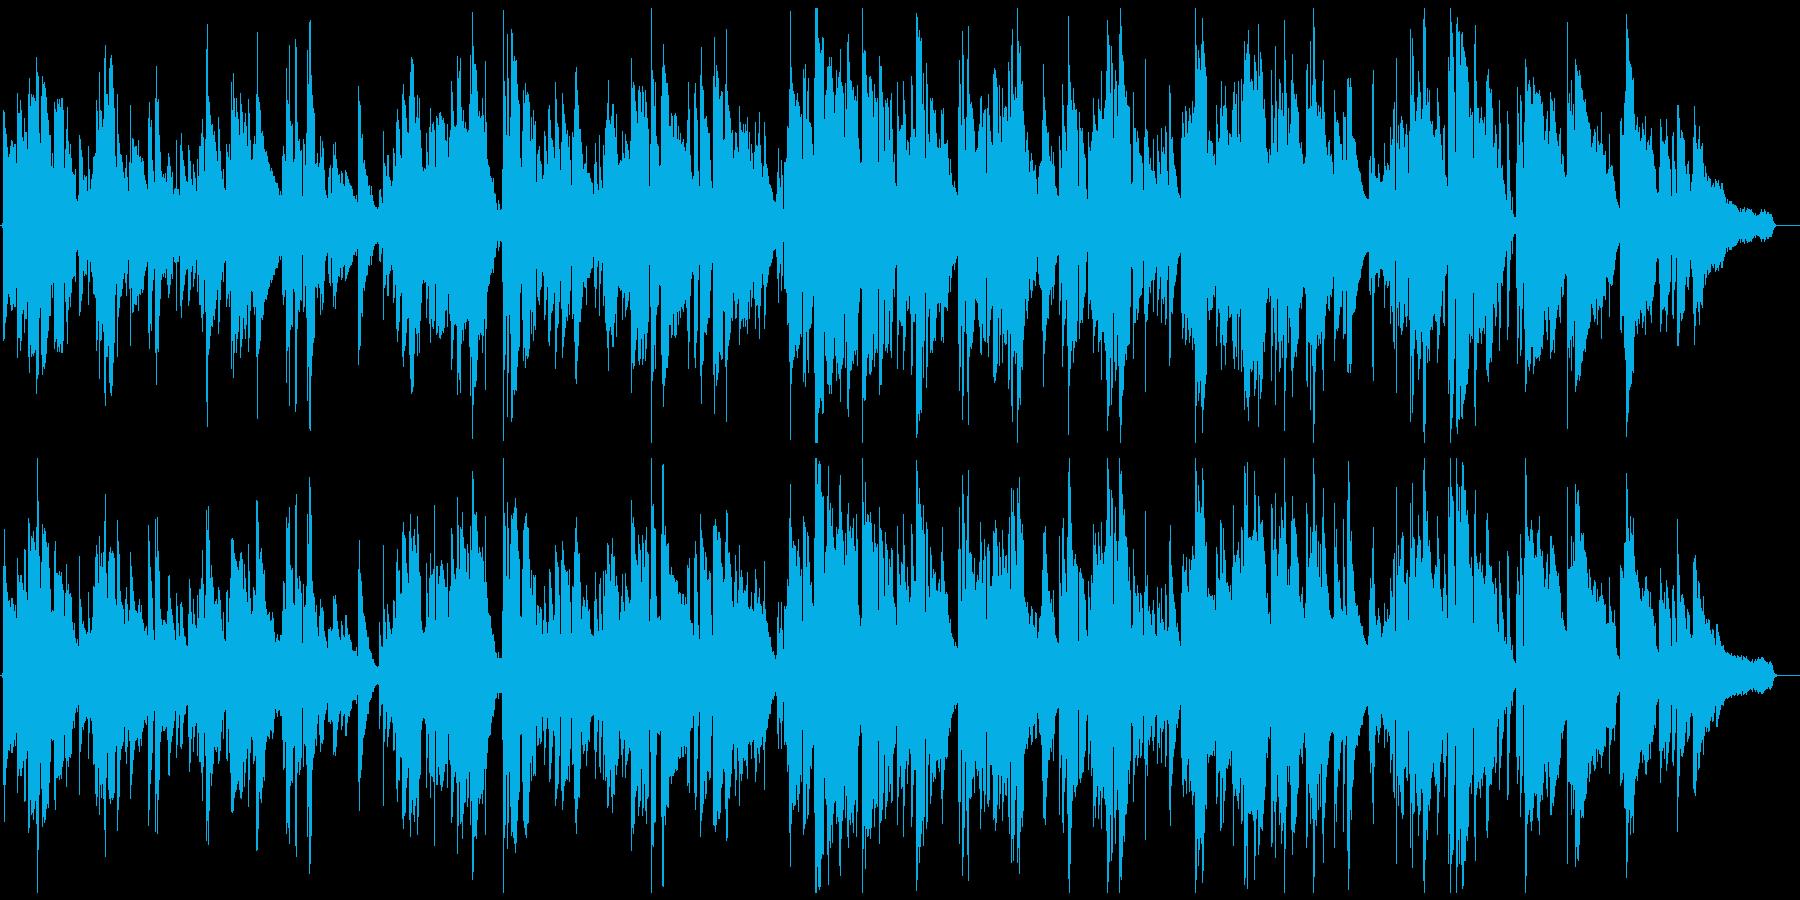 まったりリラックス雰囲気のジャズバラードの再生済みの波形